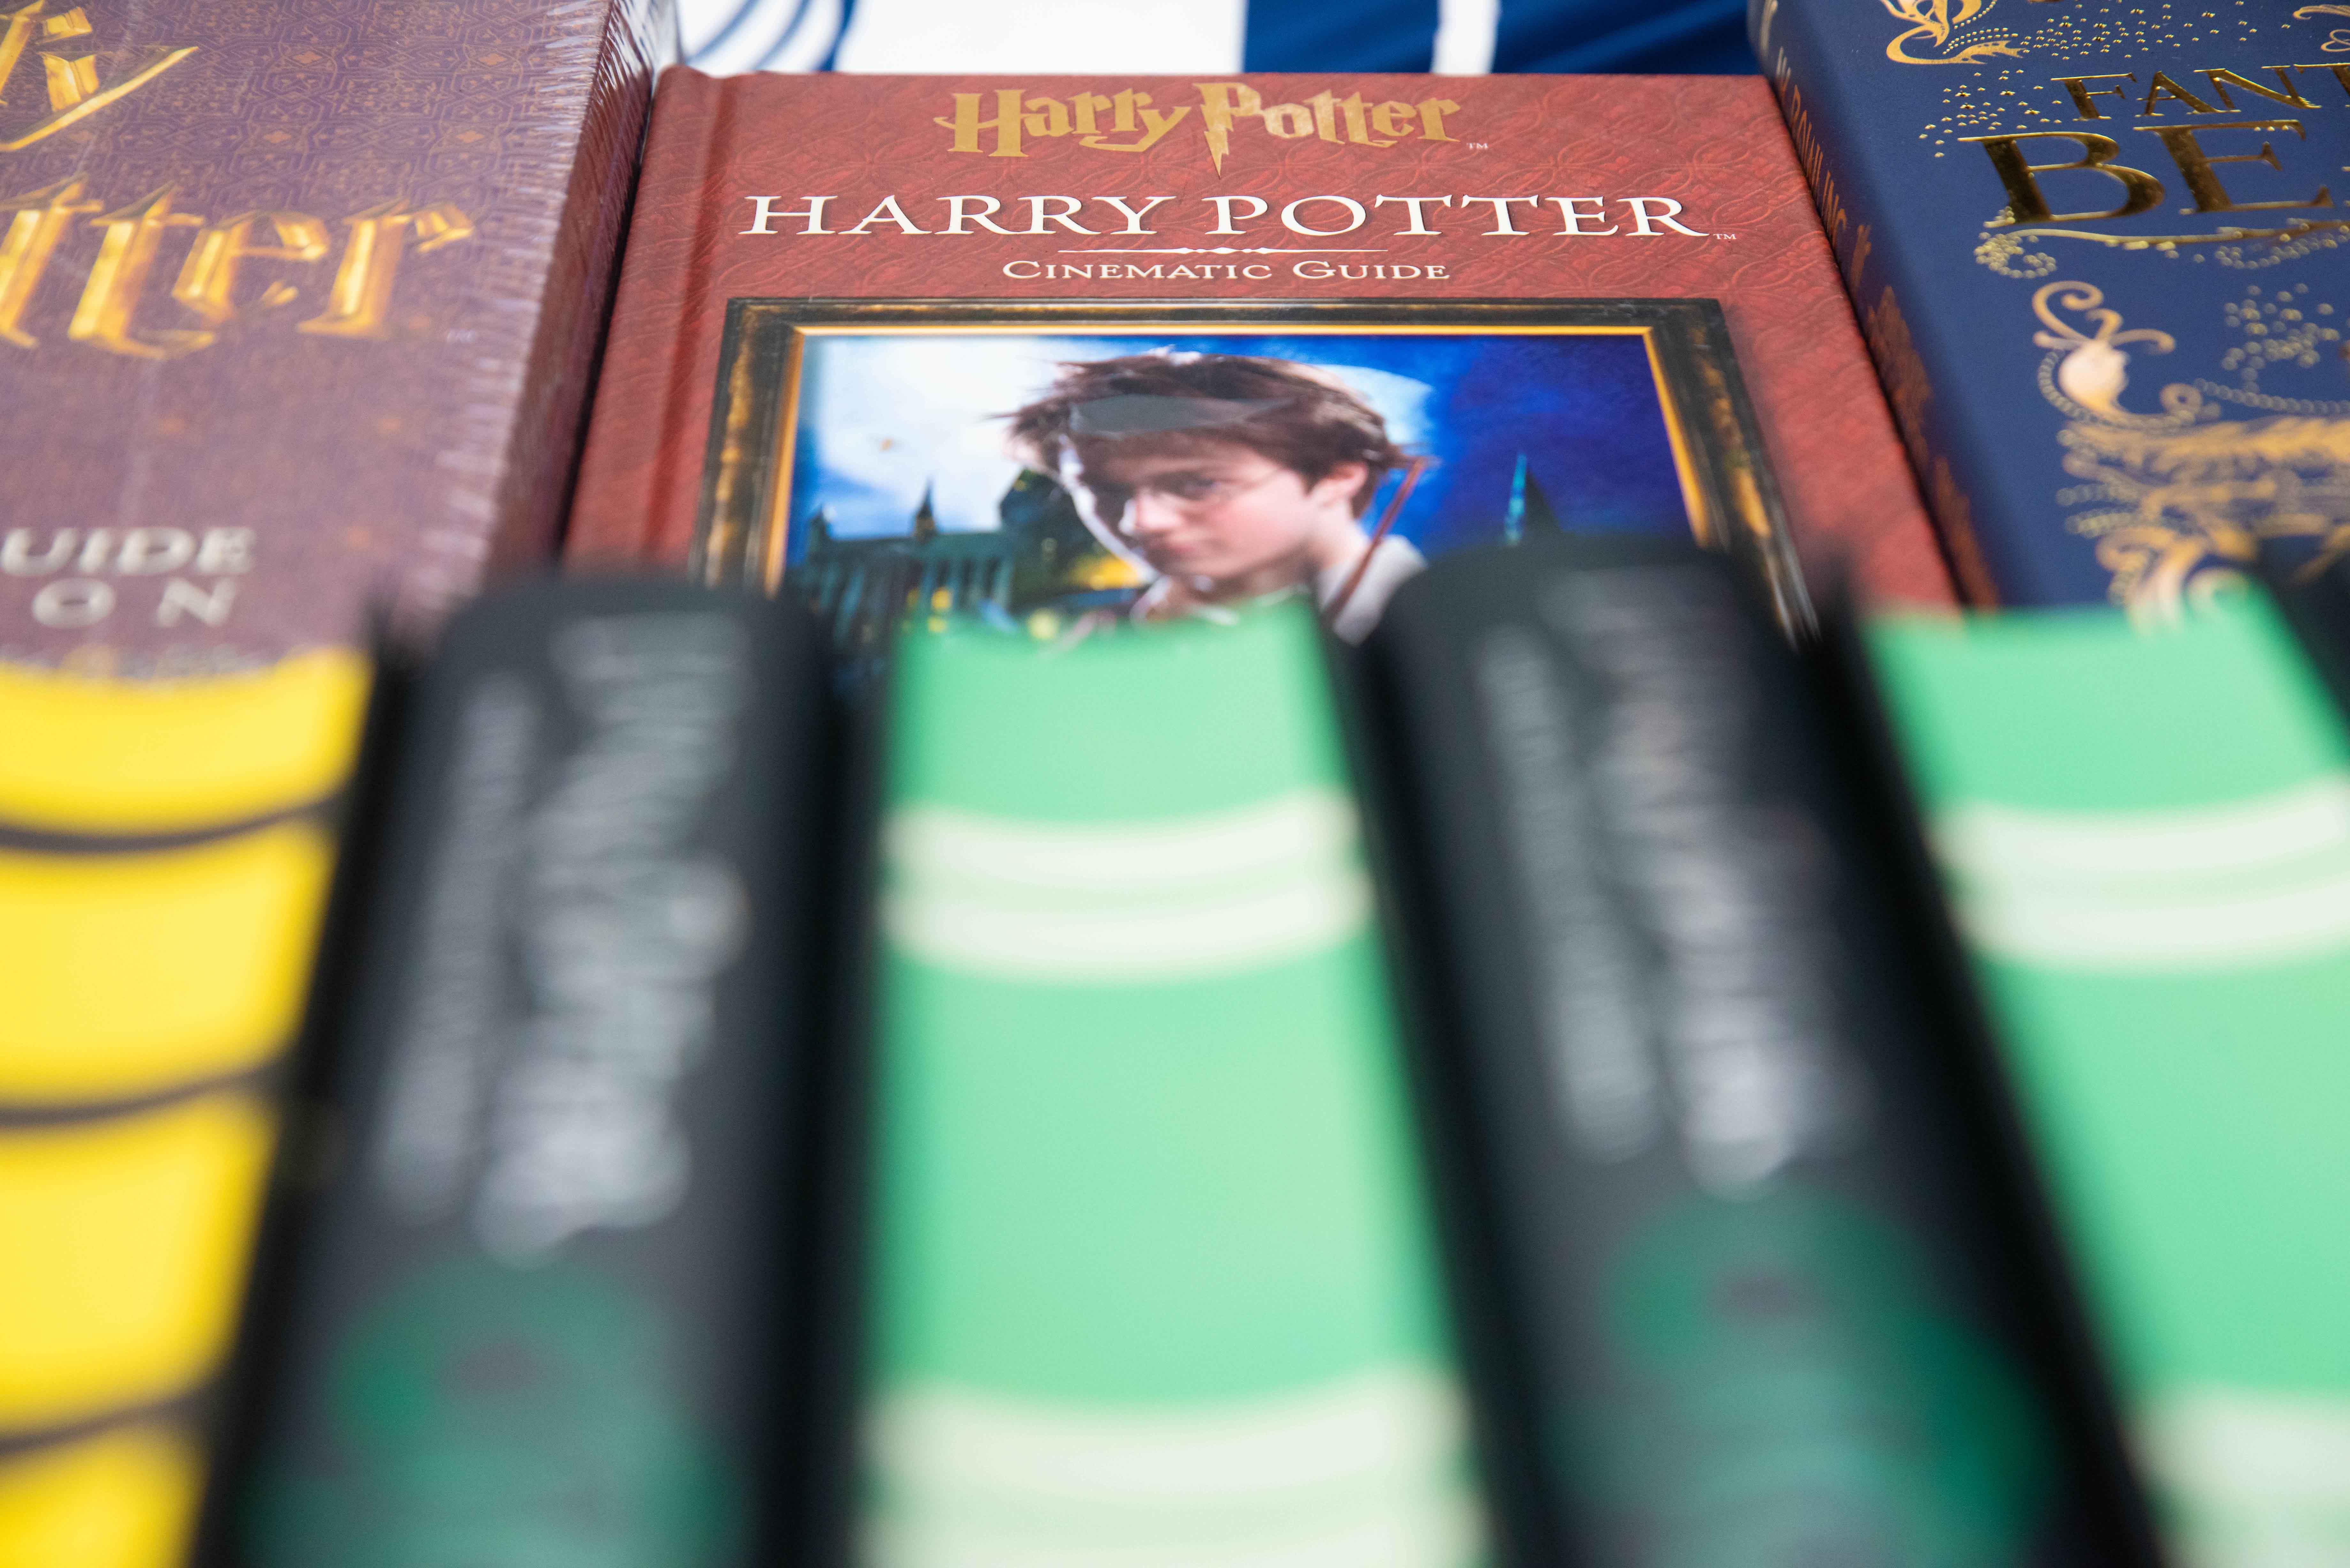 Los fánaticos podían comprar los libros de la saga de Harry Potter